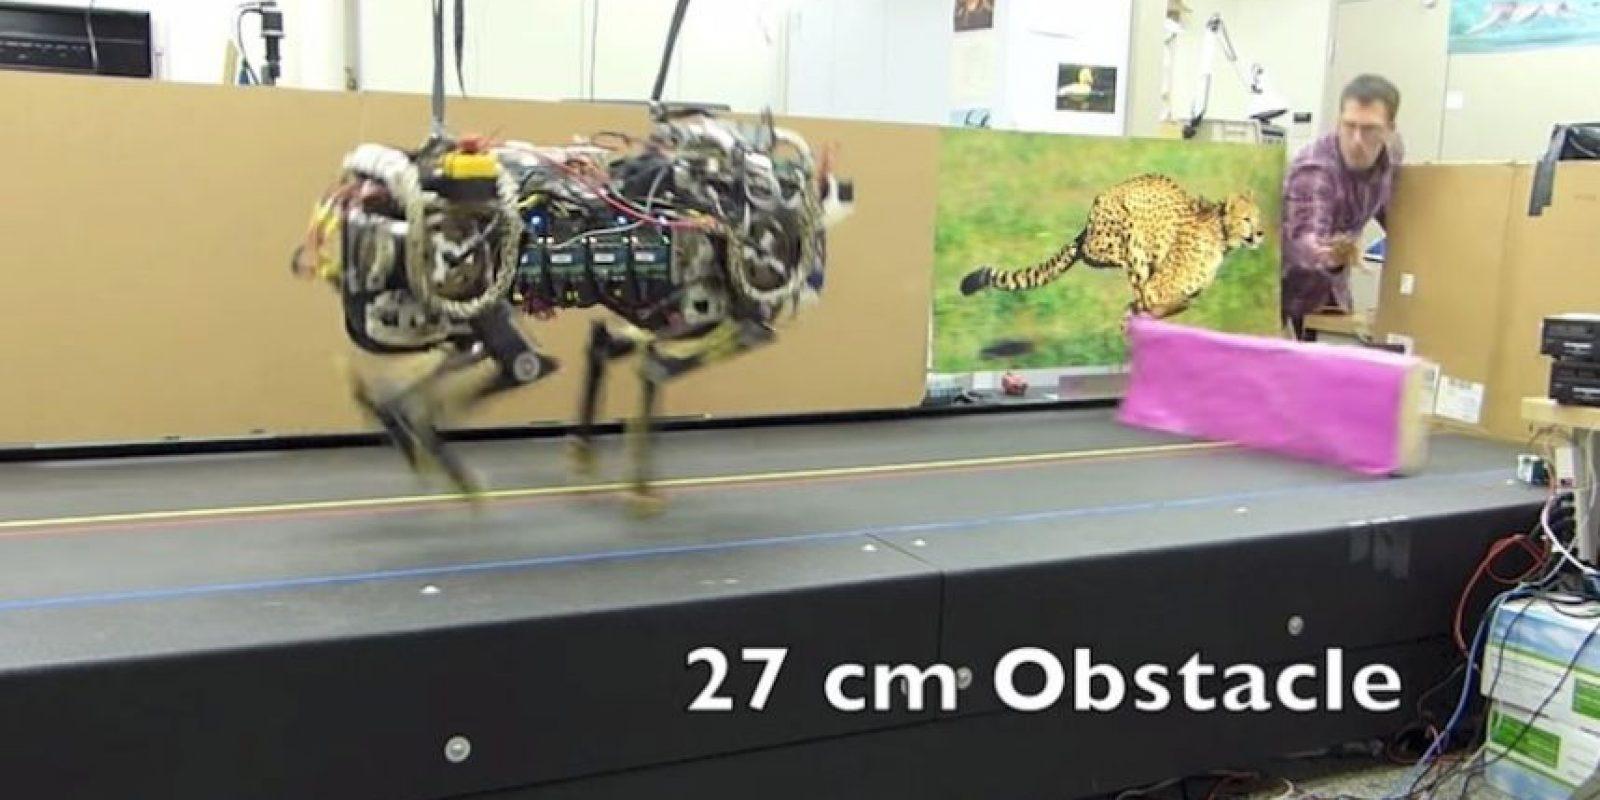 El robot saltando obstáculos de 27 cm de altura. Foto:MIT